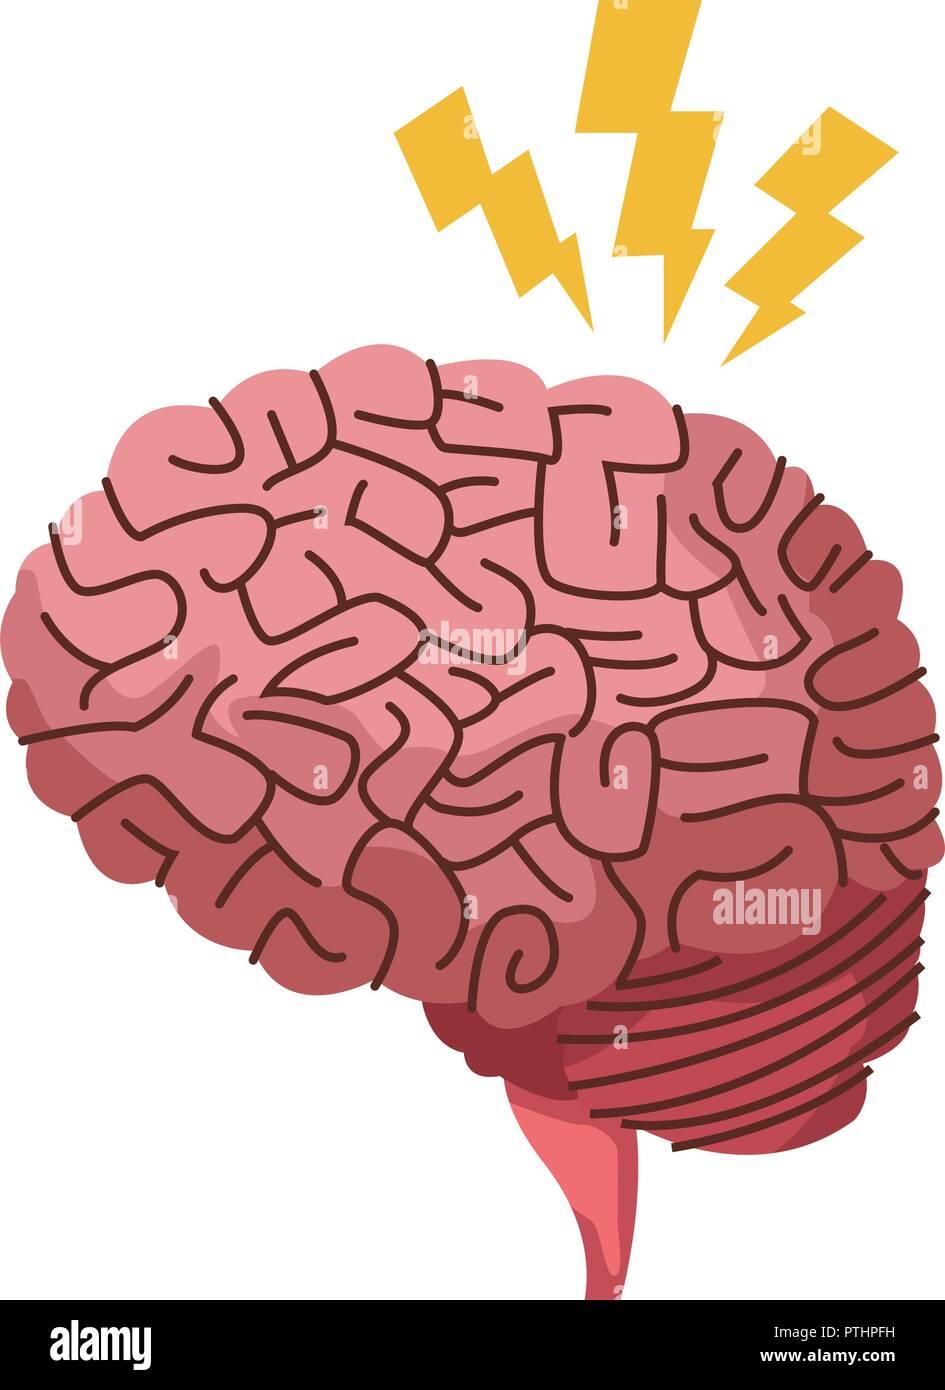 Alzheimer brain symbol - Stock Vector